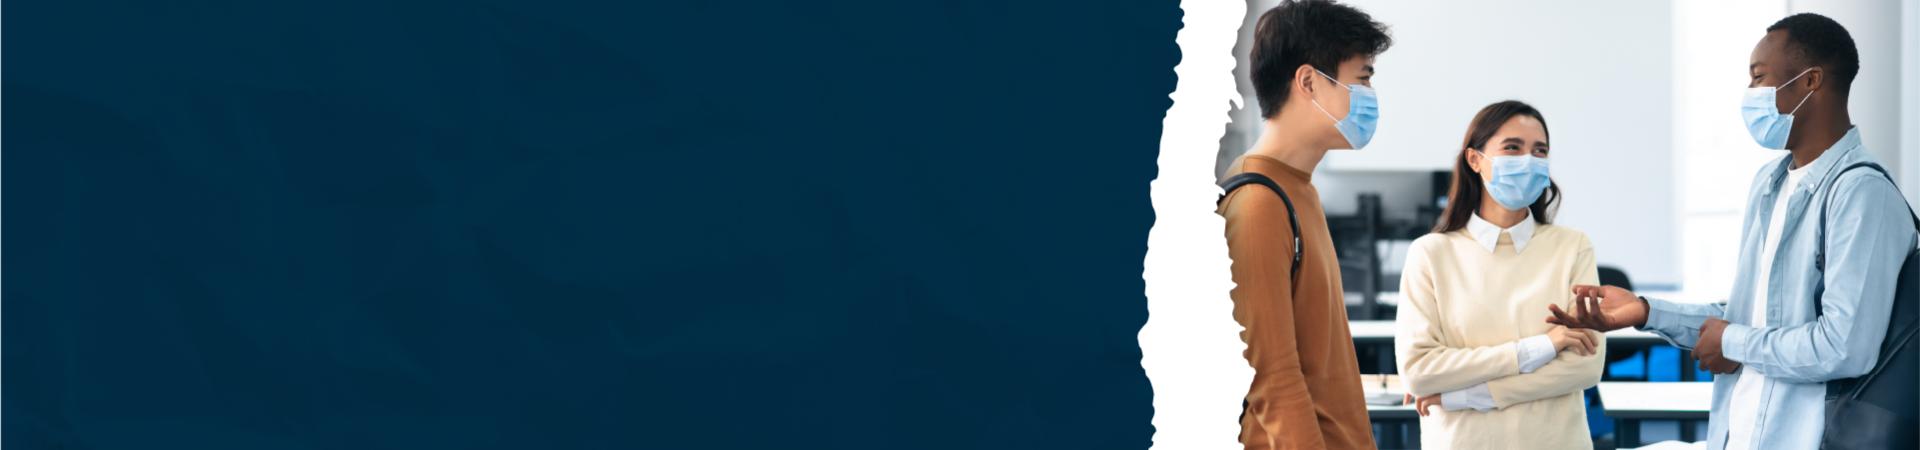 Banner de topo - Comunicado Coronavírus